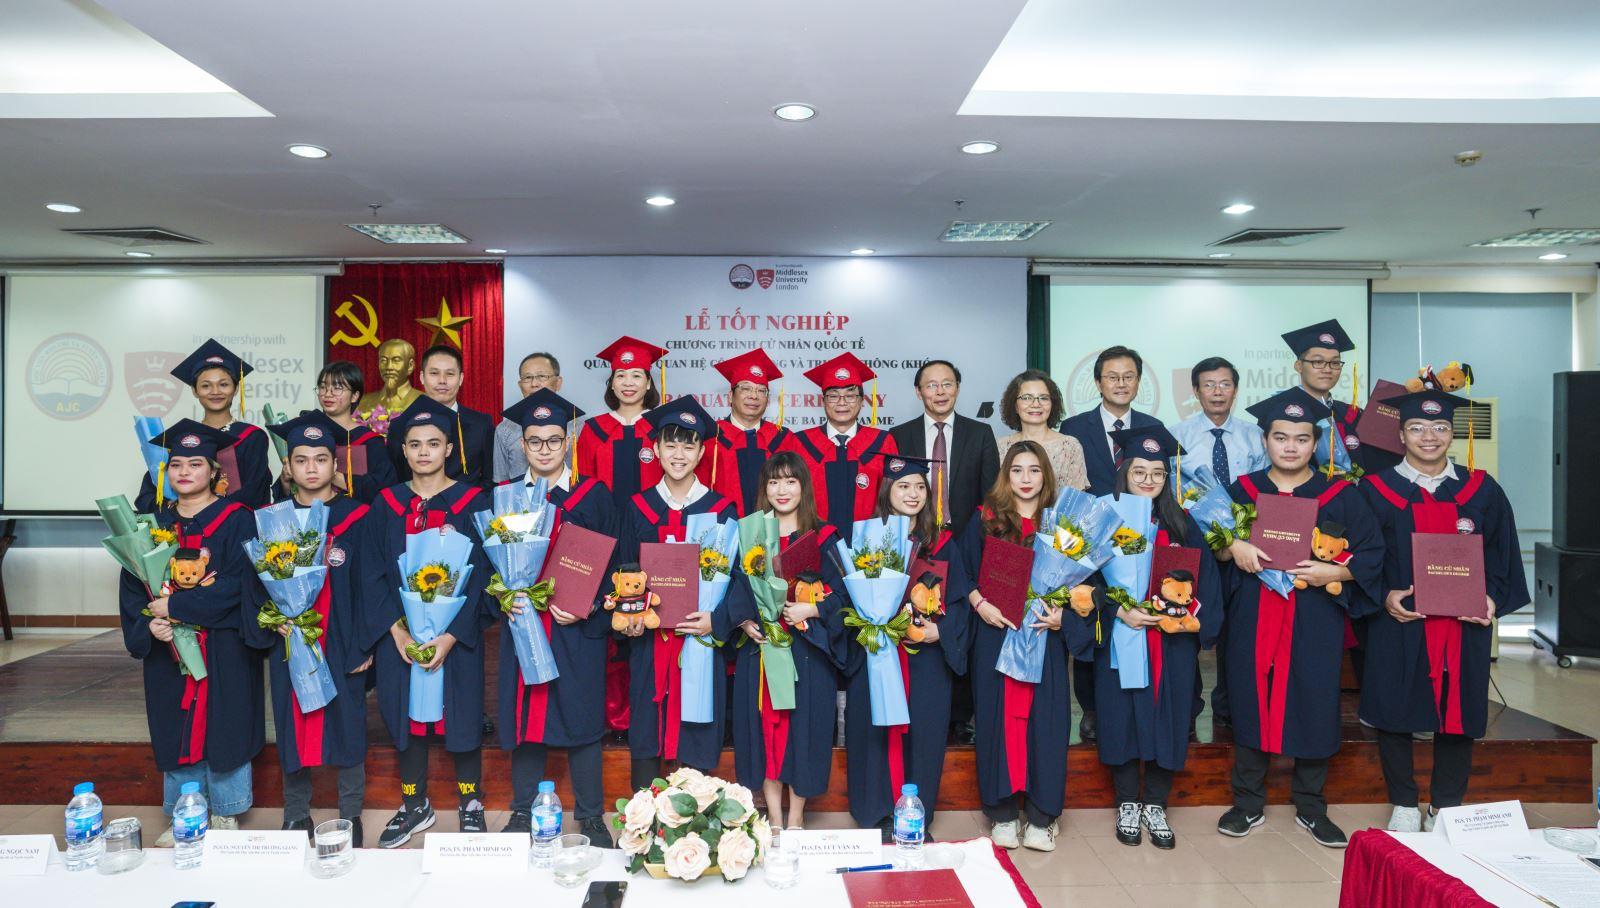 Sinh viên tốt nghiệp khóa I Chương trình Cử nhân quốc tế phần lớn làm việc cho các tổ chức quốc tế